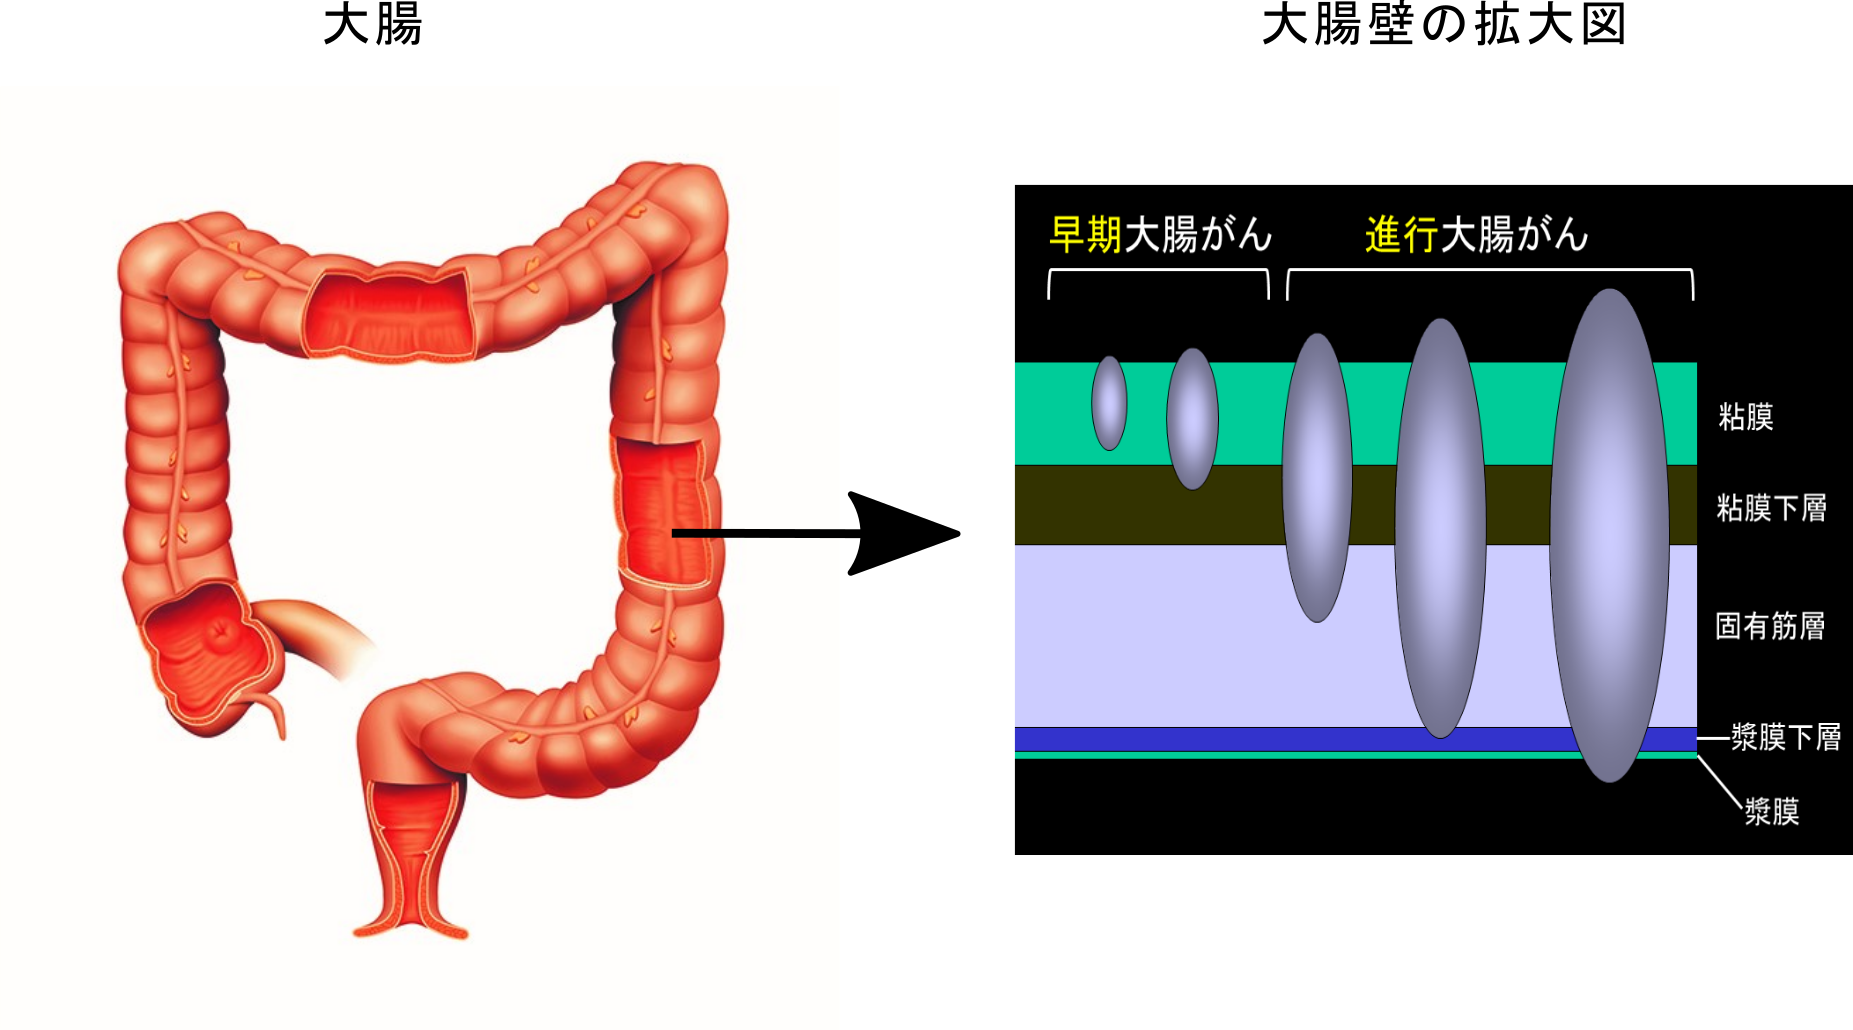 血便=大腸がん?大腸がんの初期症状について。